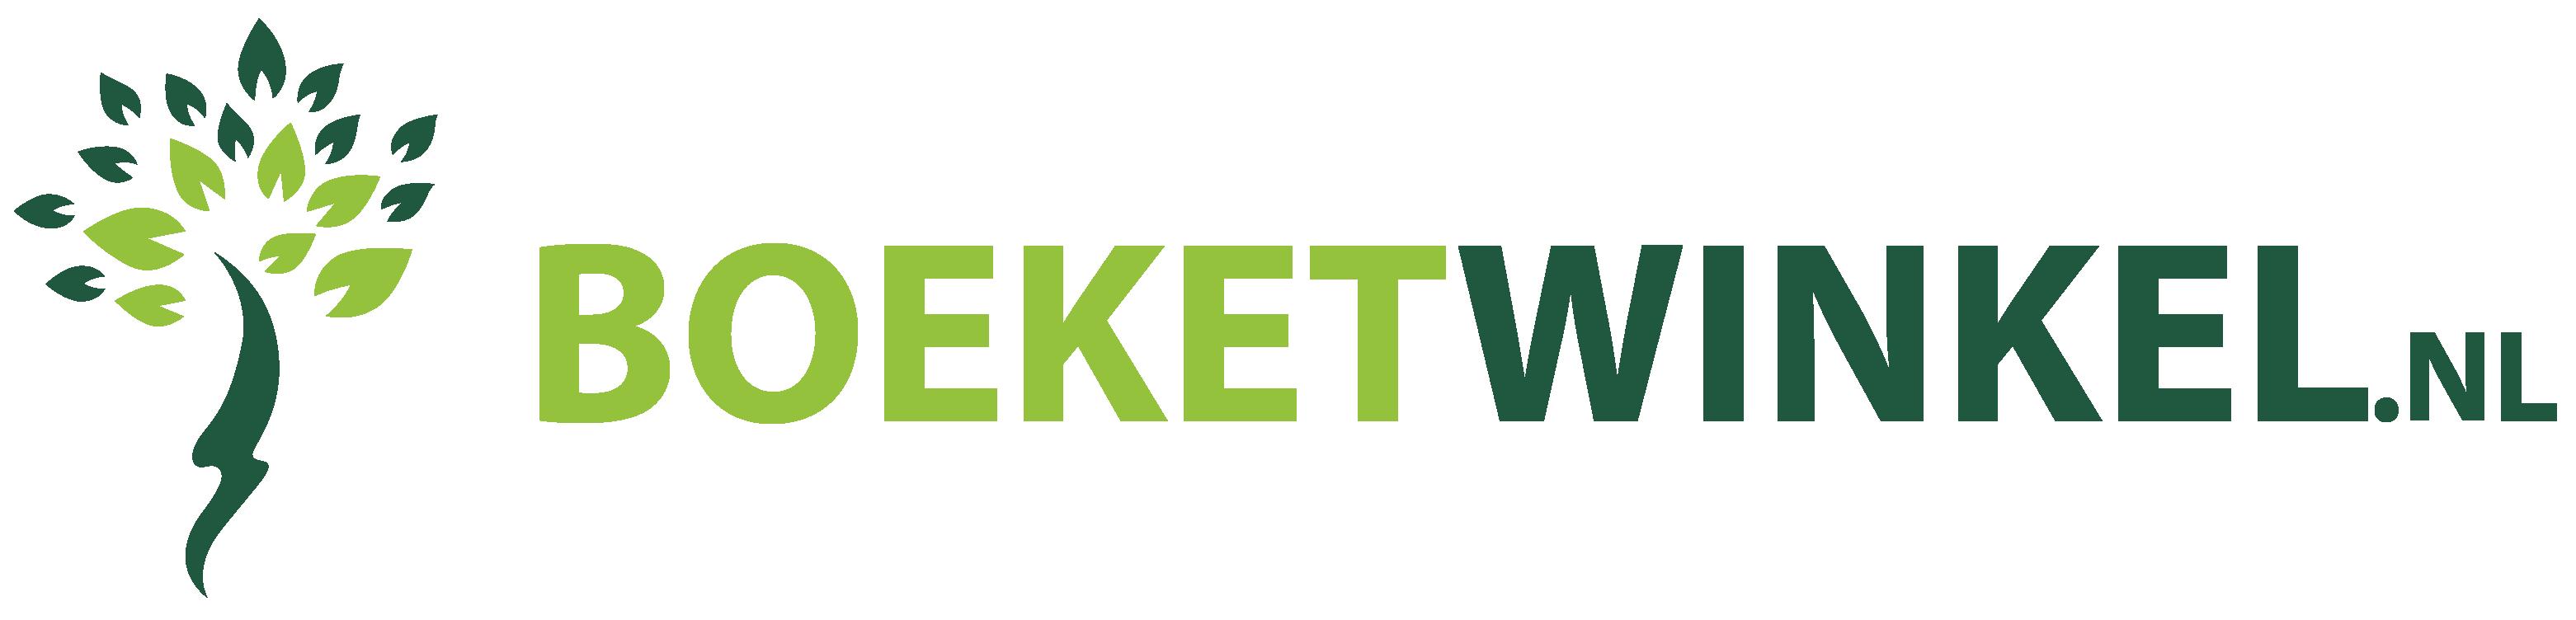 Boeketwinkel.nl